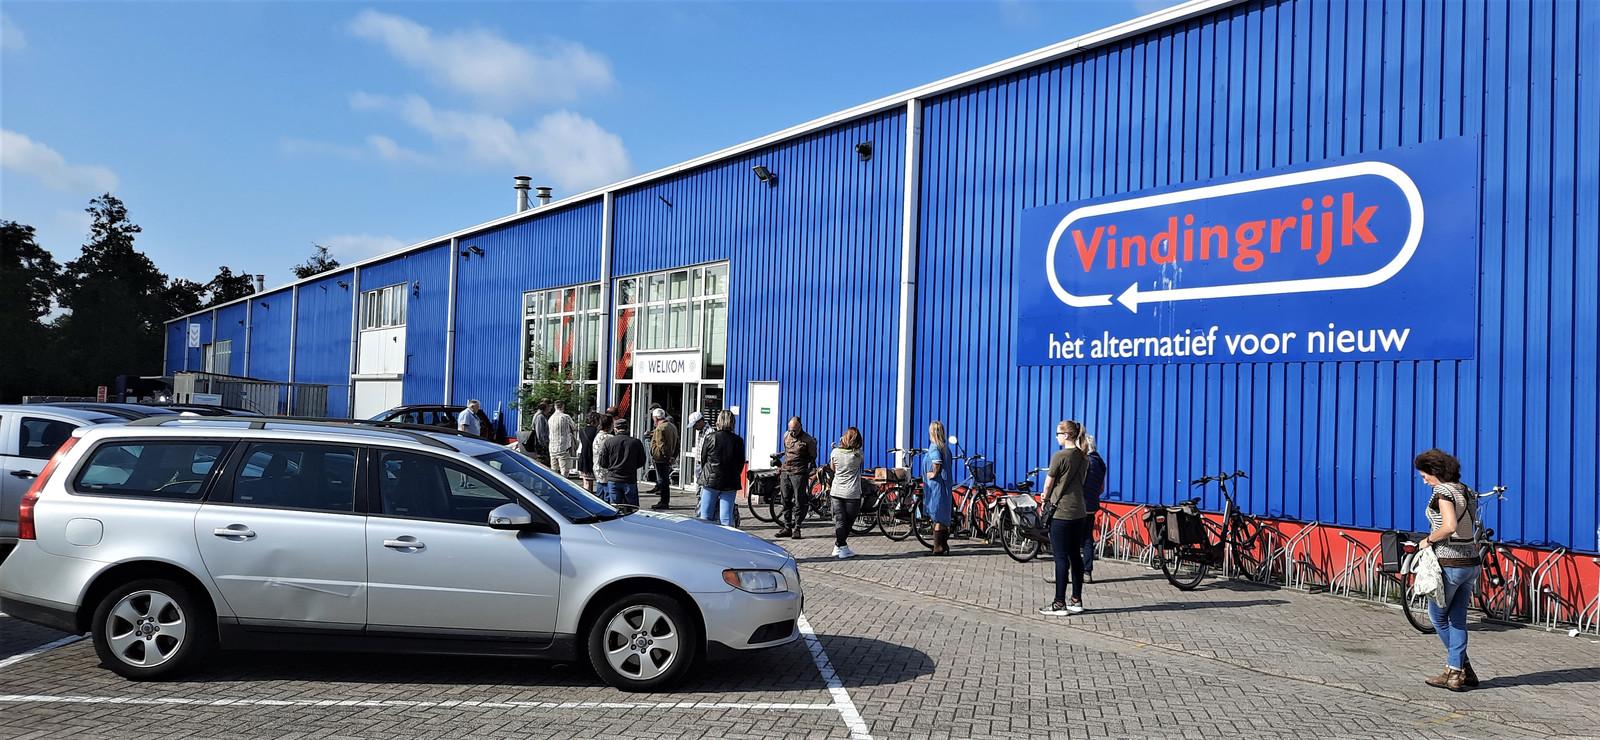 Vrijwel elke dag staan er rijen wachtenden voordat Vindingrijk om 10.00 uur open gaat.